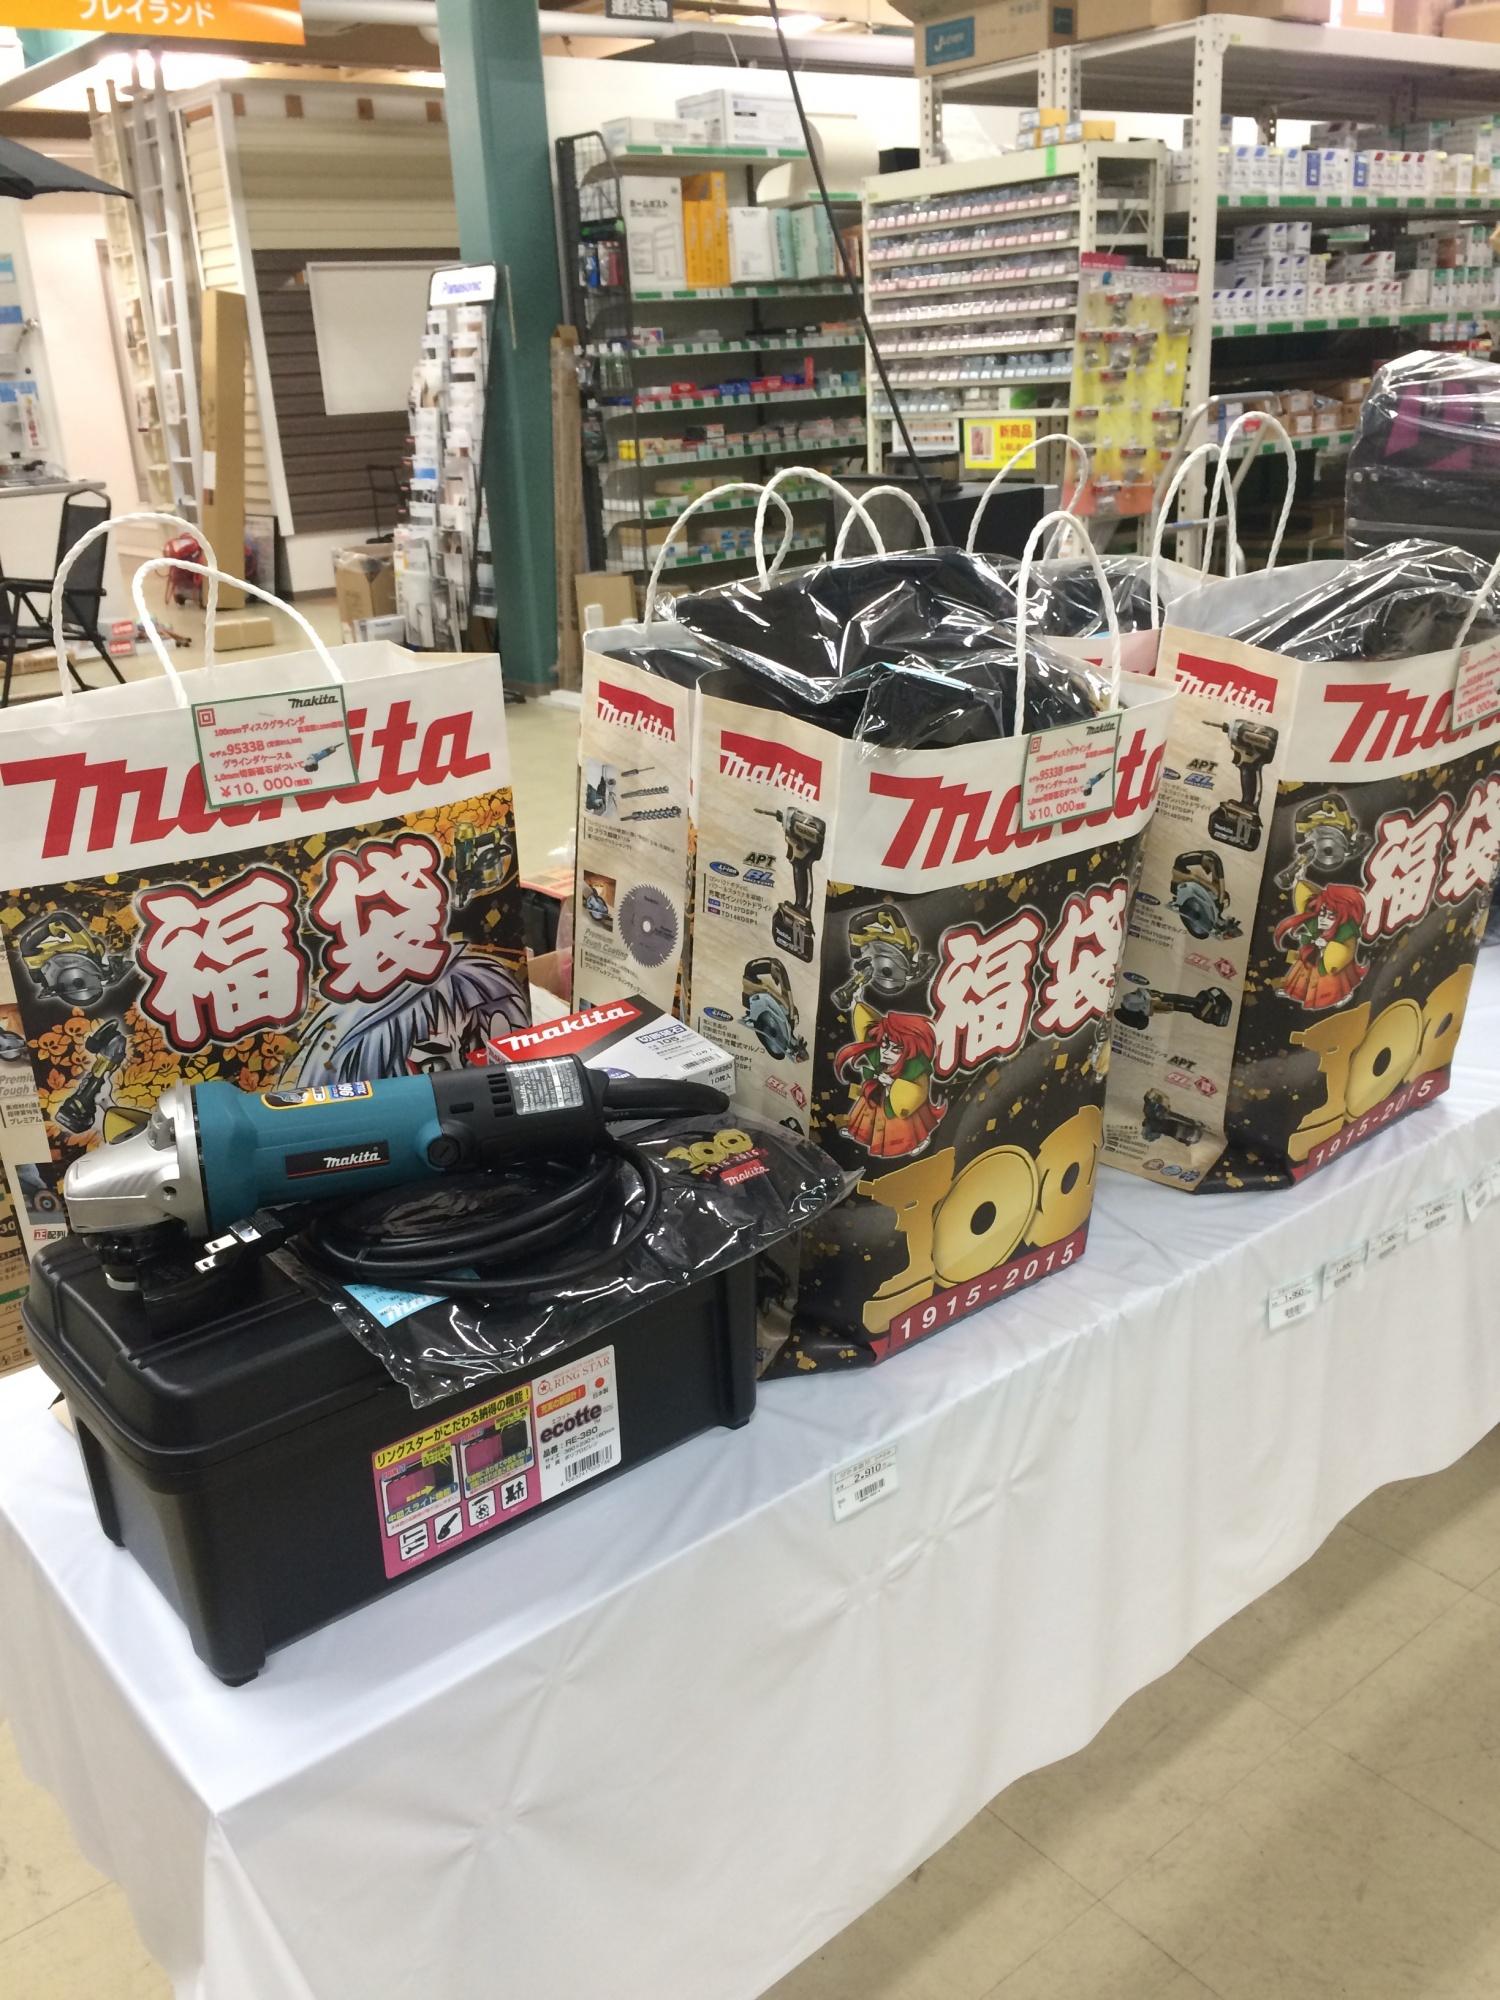 マキタの福袋を新春セールで発売!とってもお買い得です。